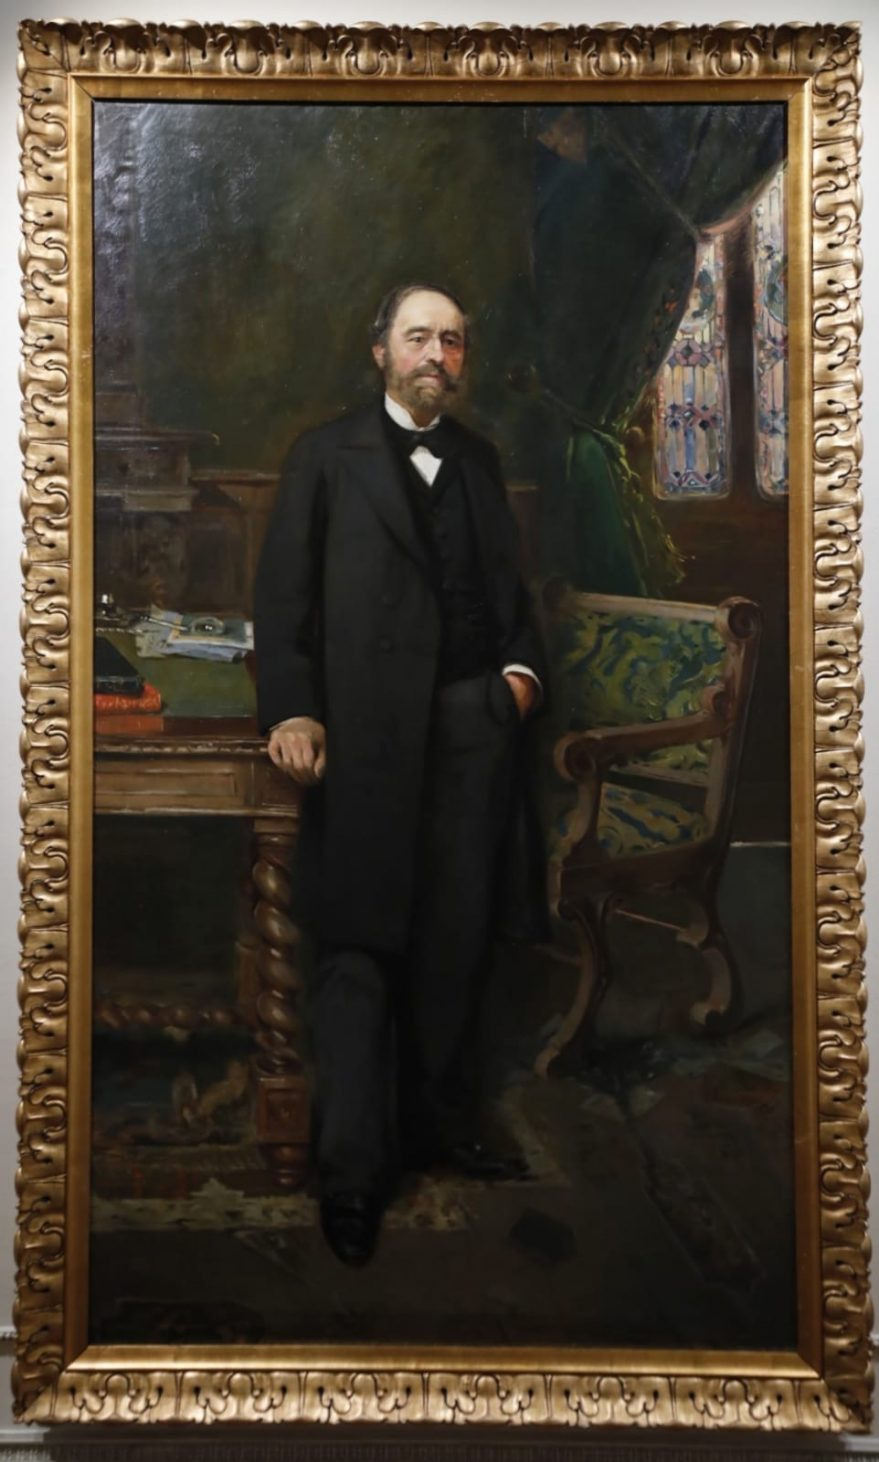 Ignacio Figueroa, Marqués de Villamejor